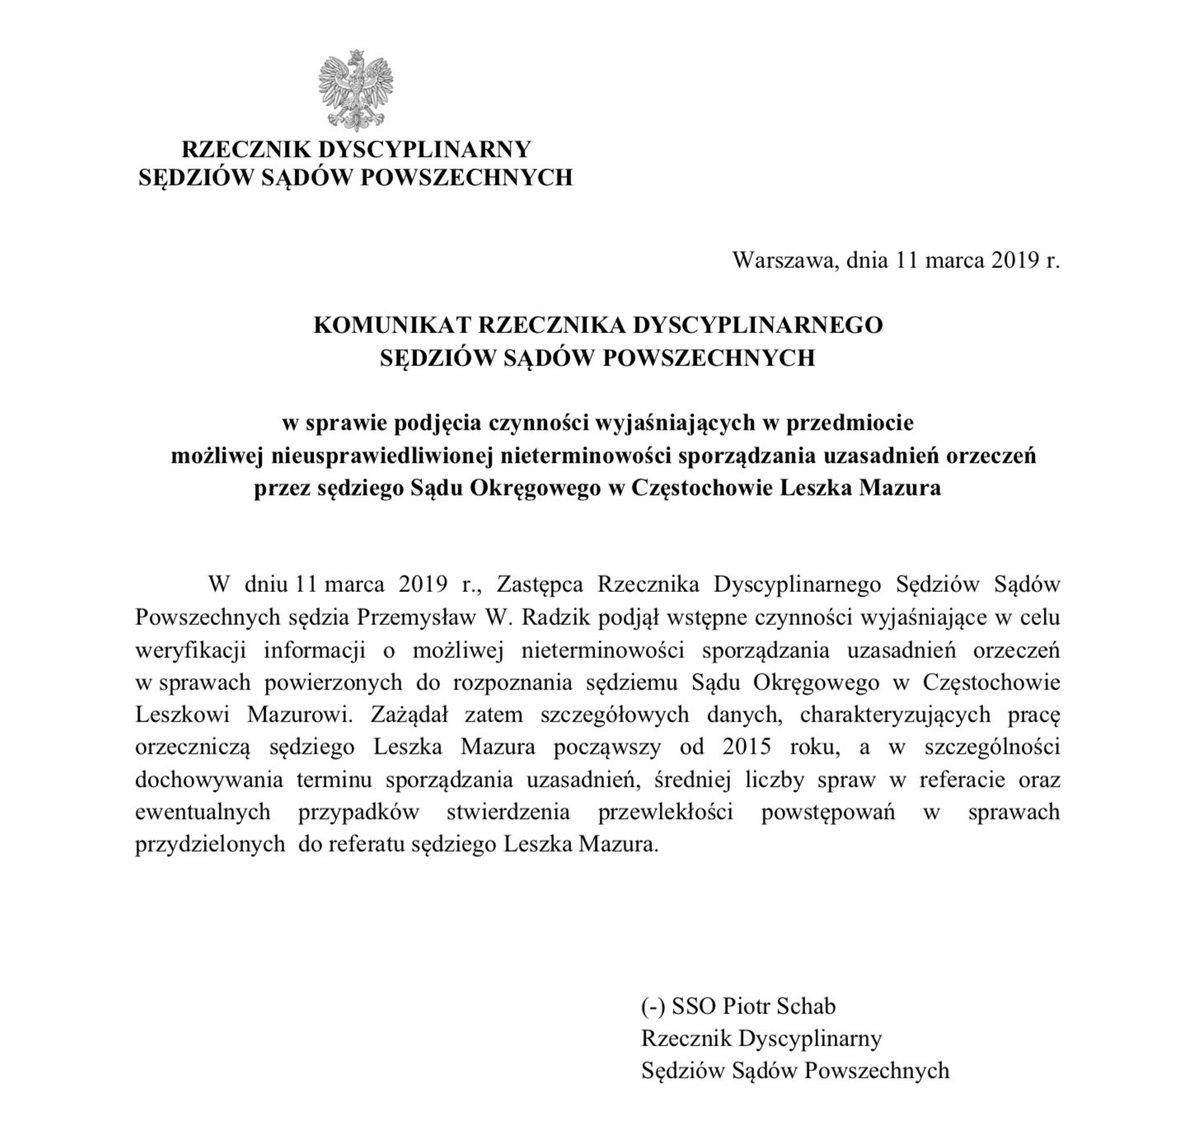 Z życia Krajowej Rady Sądownictwa: jej przewodniczący, Leszek Mazur będzie musiał wyjaśnić powody 112 opóźnień w sporządzaniu wydawanych przez siebie wyroków w Sądzie Okręgowym w Częstochowie: